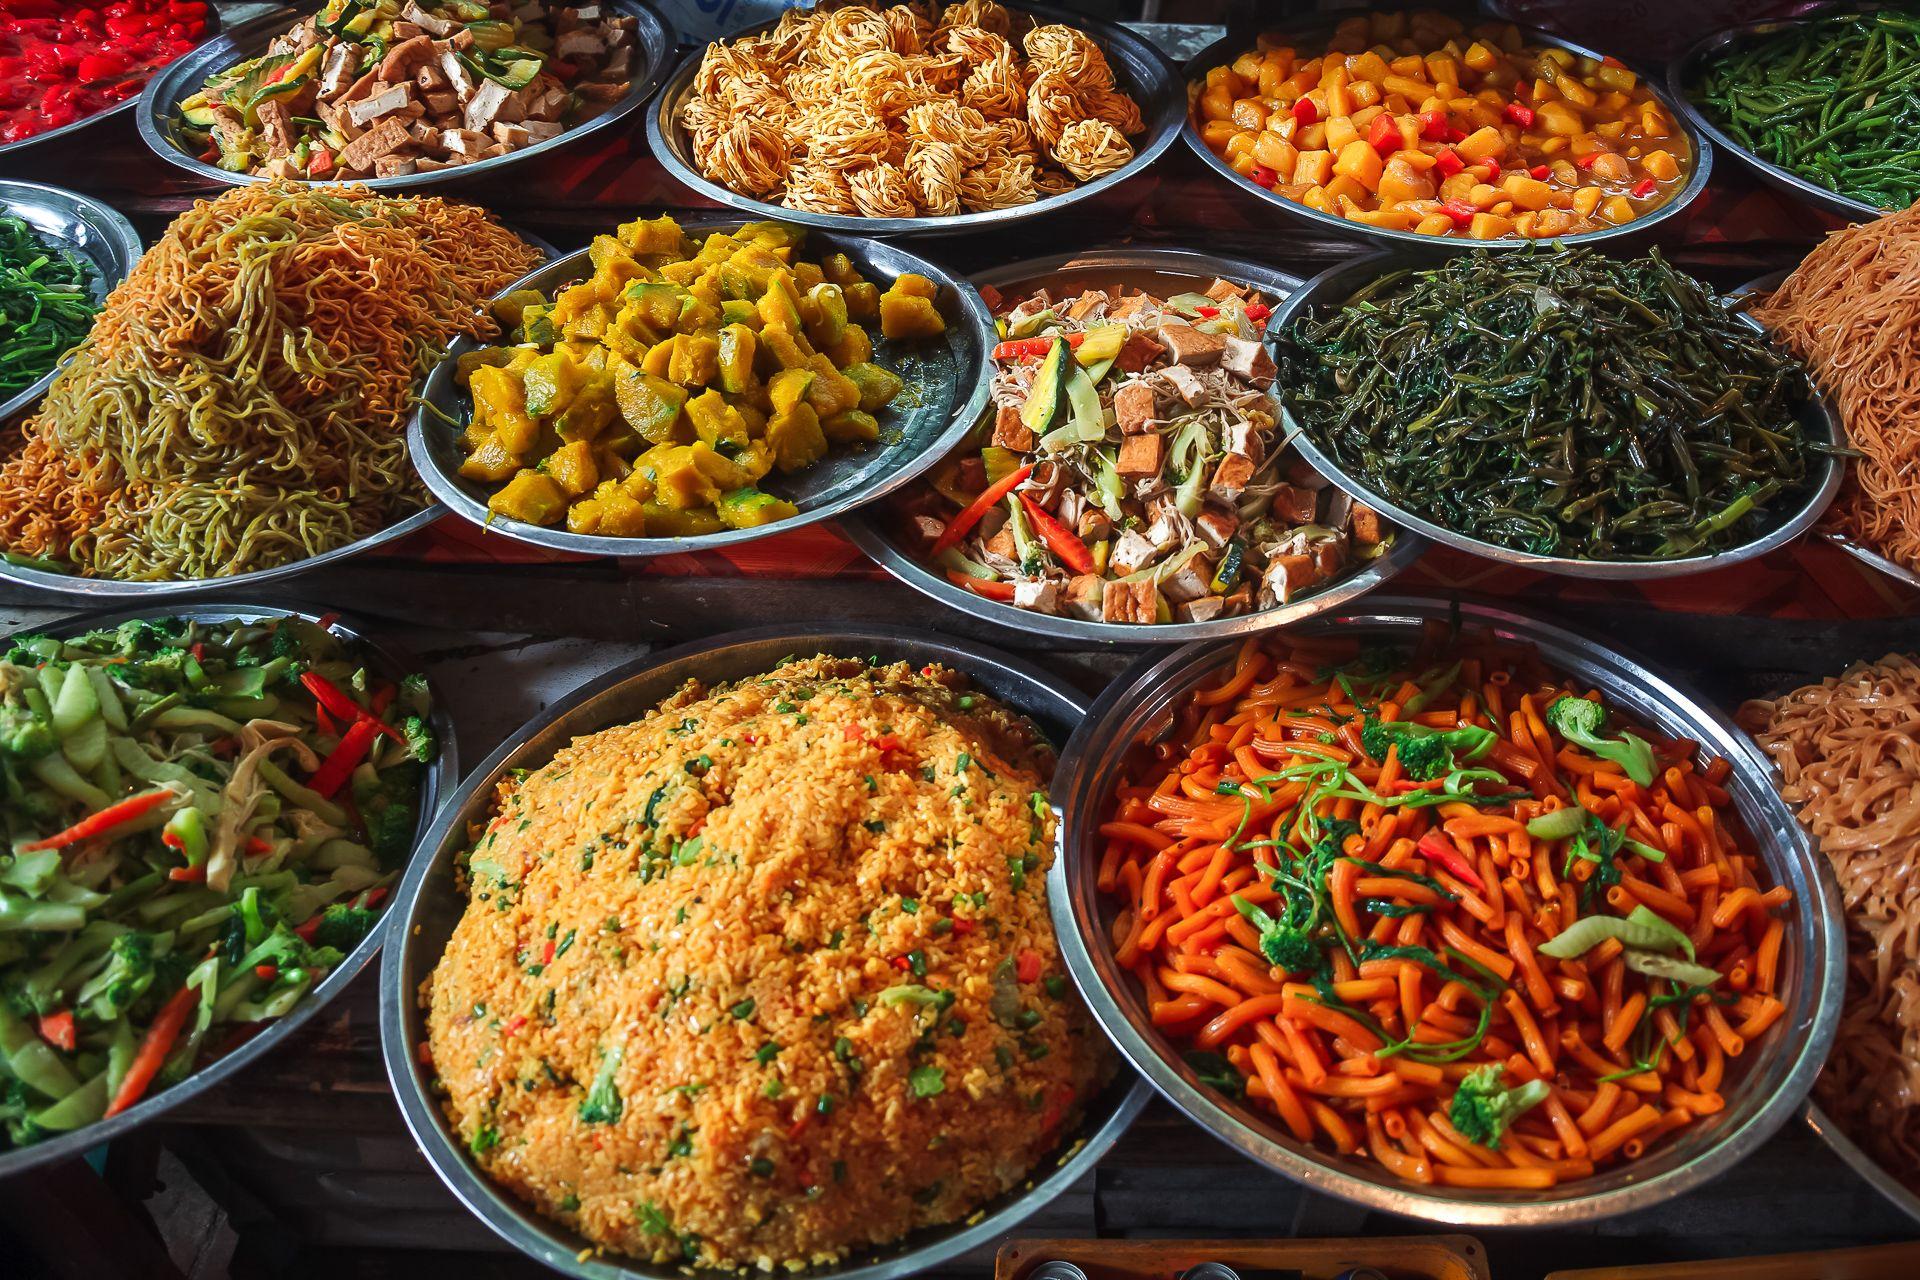 еда, Лаос, Вьентьян, лаосская еда, цены, продукты в Лаосе, азиатская кухня, Laos, Vientian, food, lao food, price